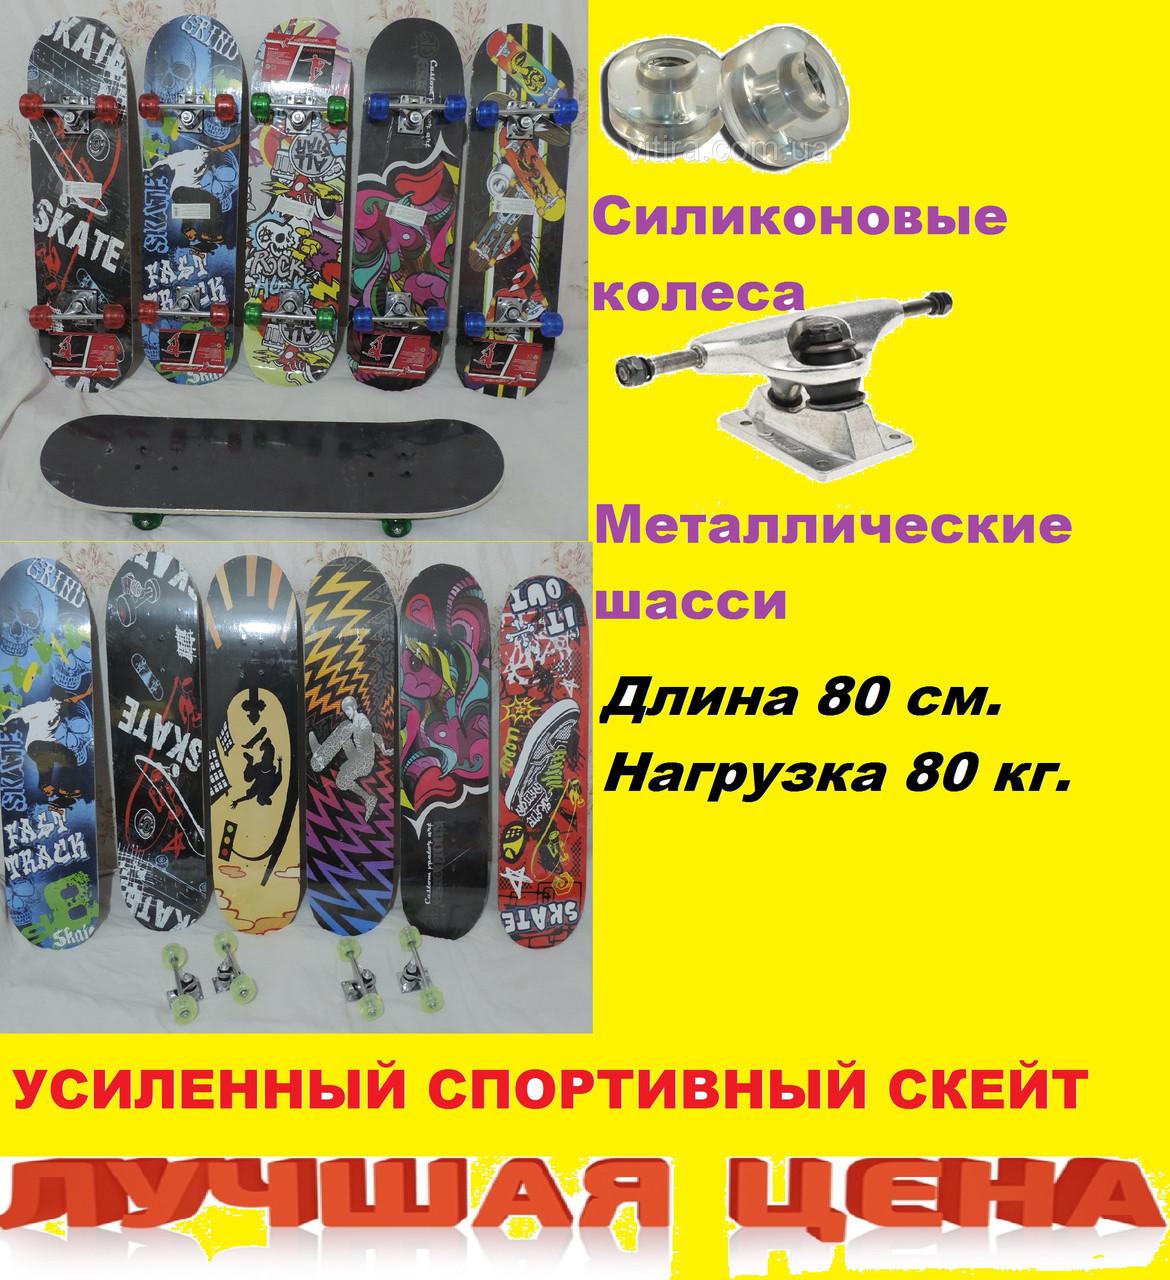 Скейтборд, скейт спортивный усиленная подвеска - Длина 80 см, нагрузка 80 кг, колеса силиконовые.